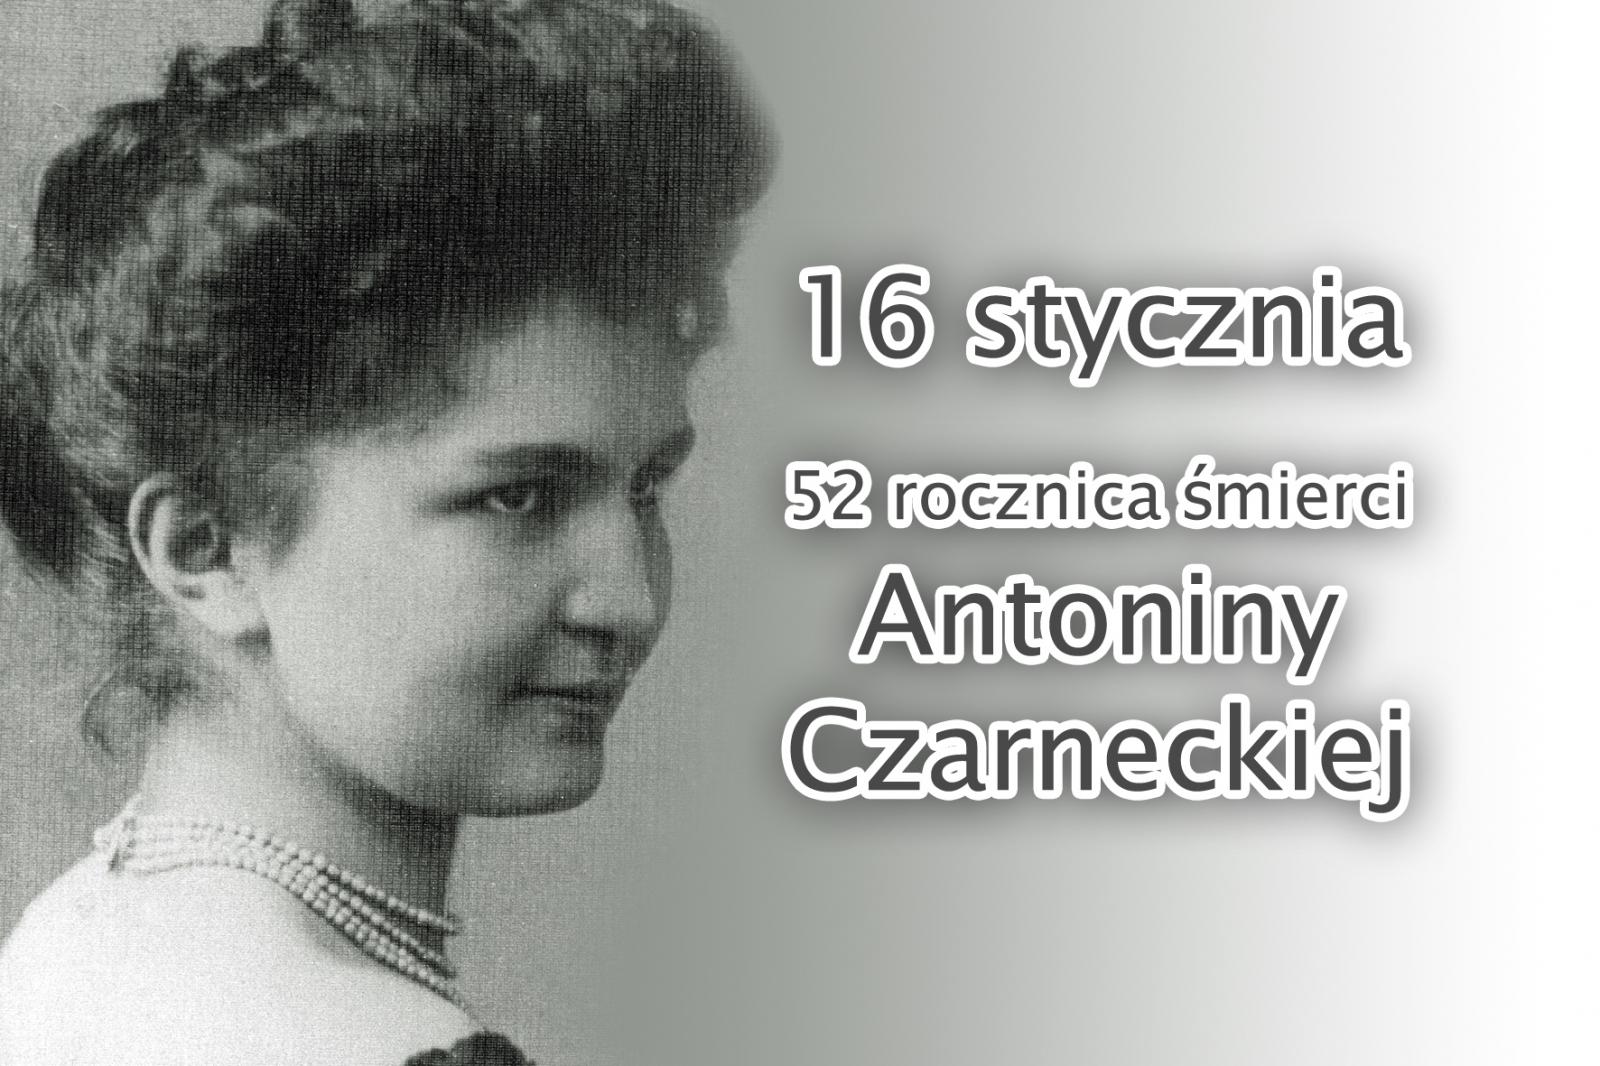 16 STYCZNIA - 52 ROCZNICA ŚMIERCI ANTONINY CZARNECKIEJ (1885-1967)